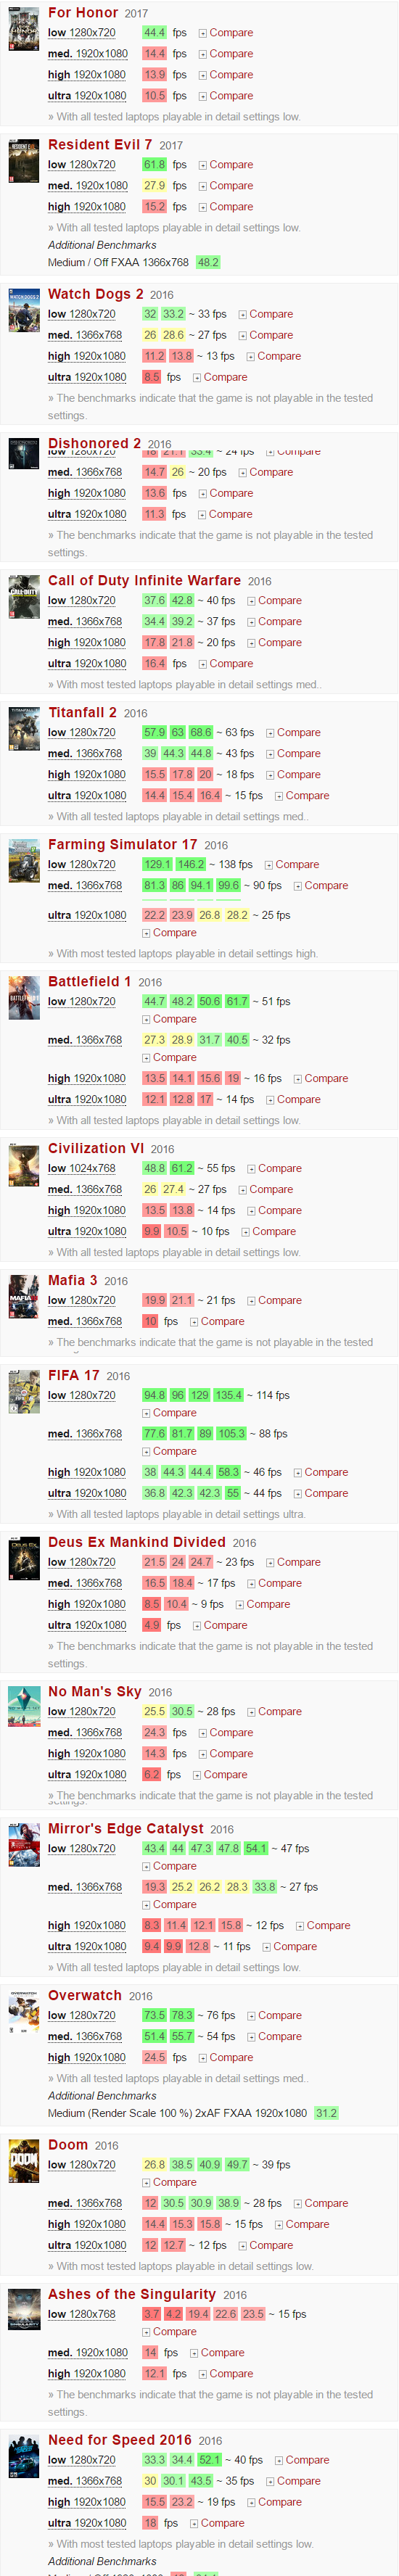 Đánh giá NVIDIA GeForce 940MX - Thegioididong com